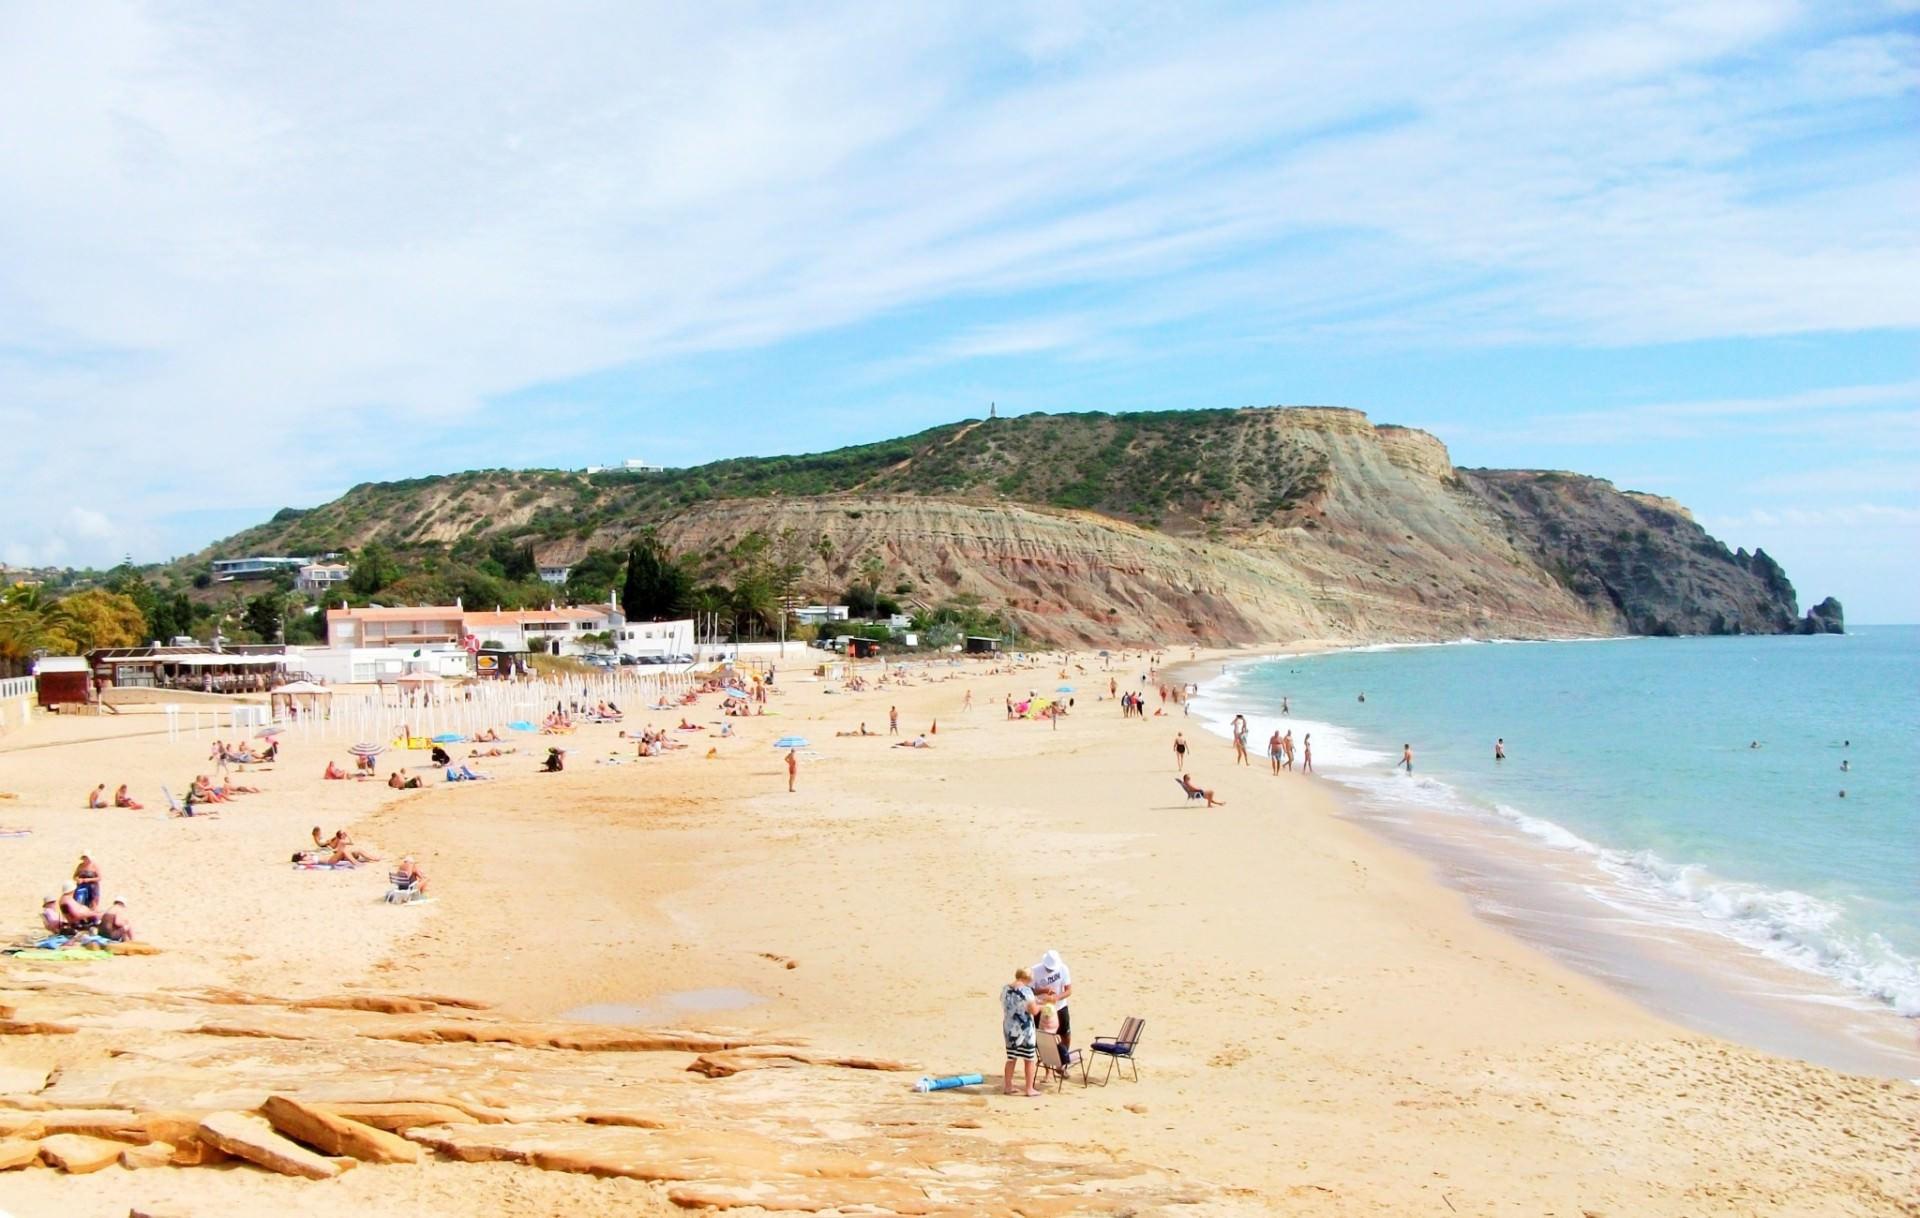 Praia Da Luz ・ Praia Da Luz Holidays